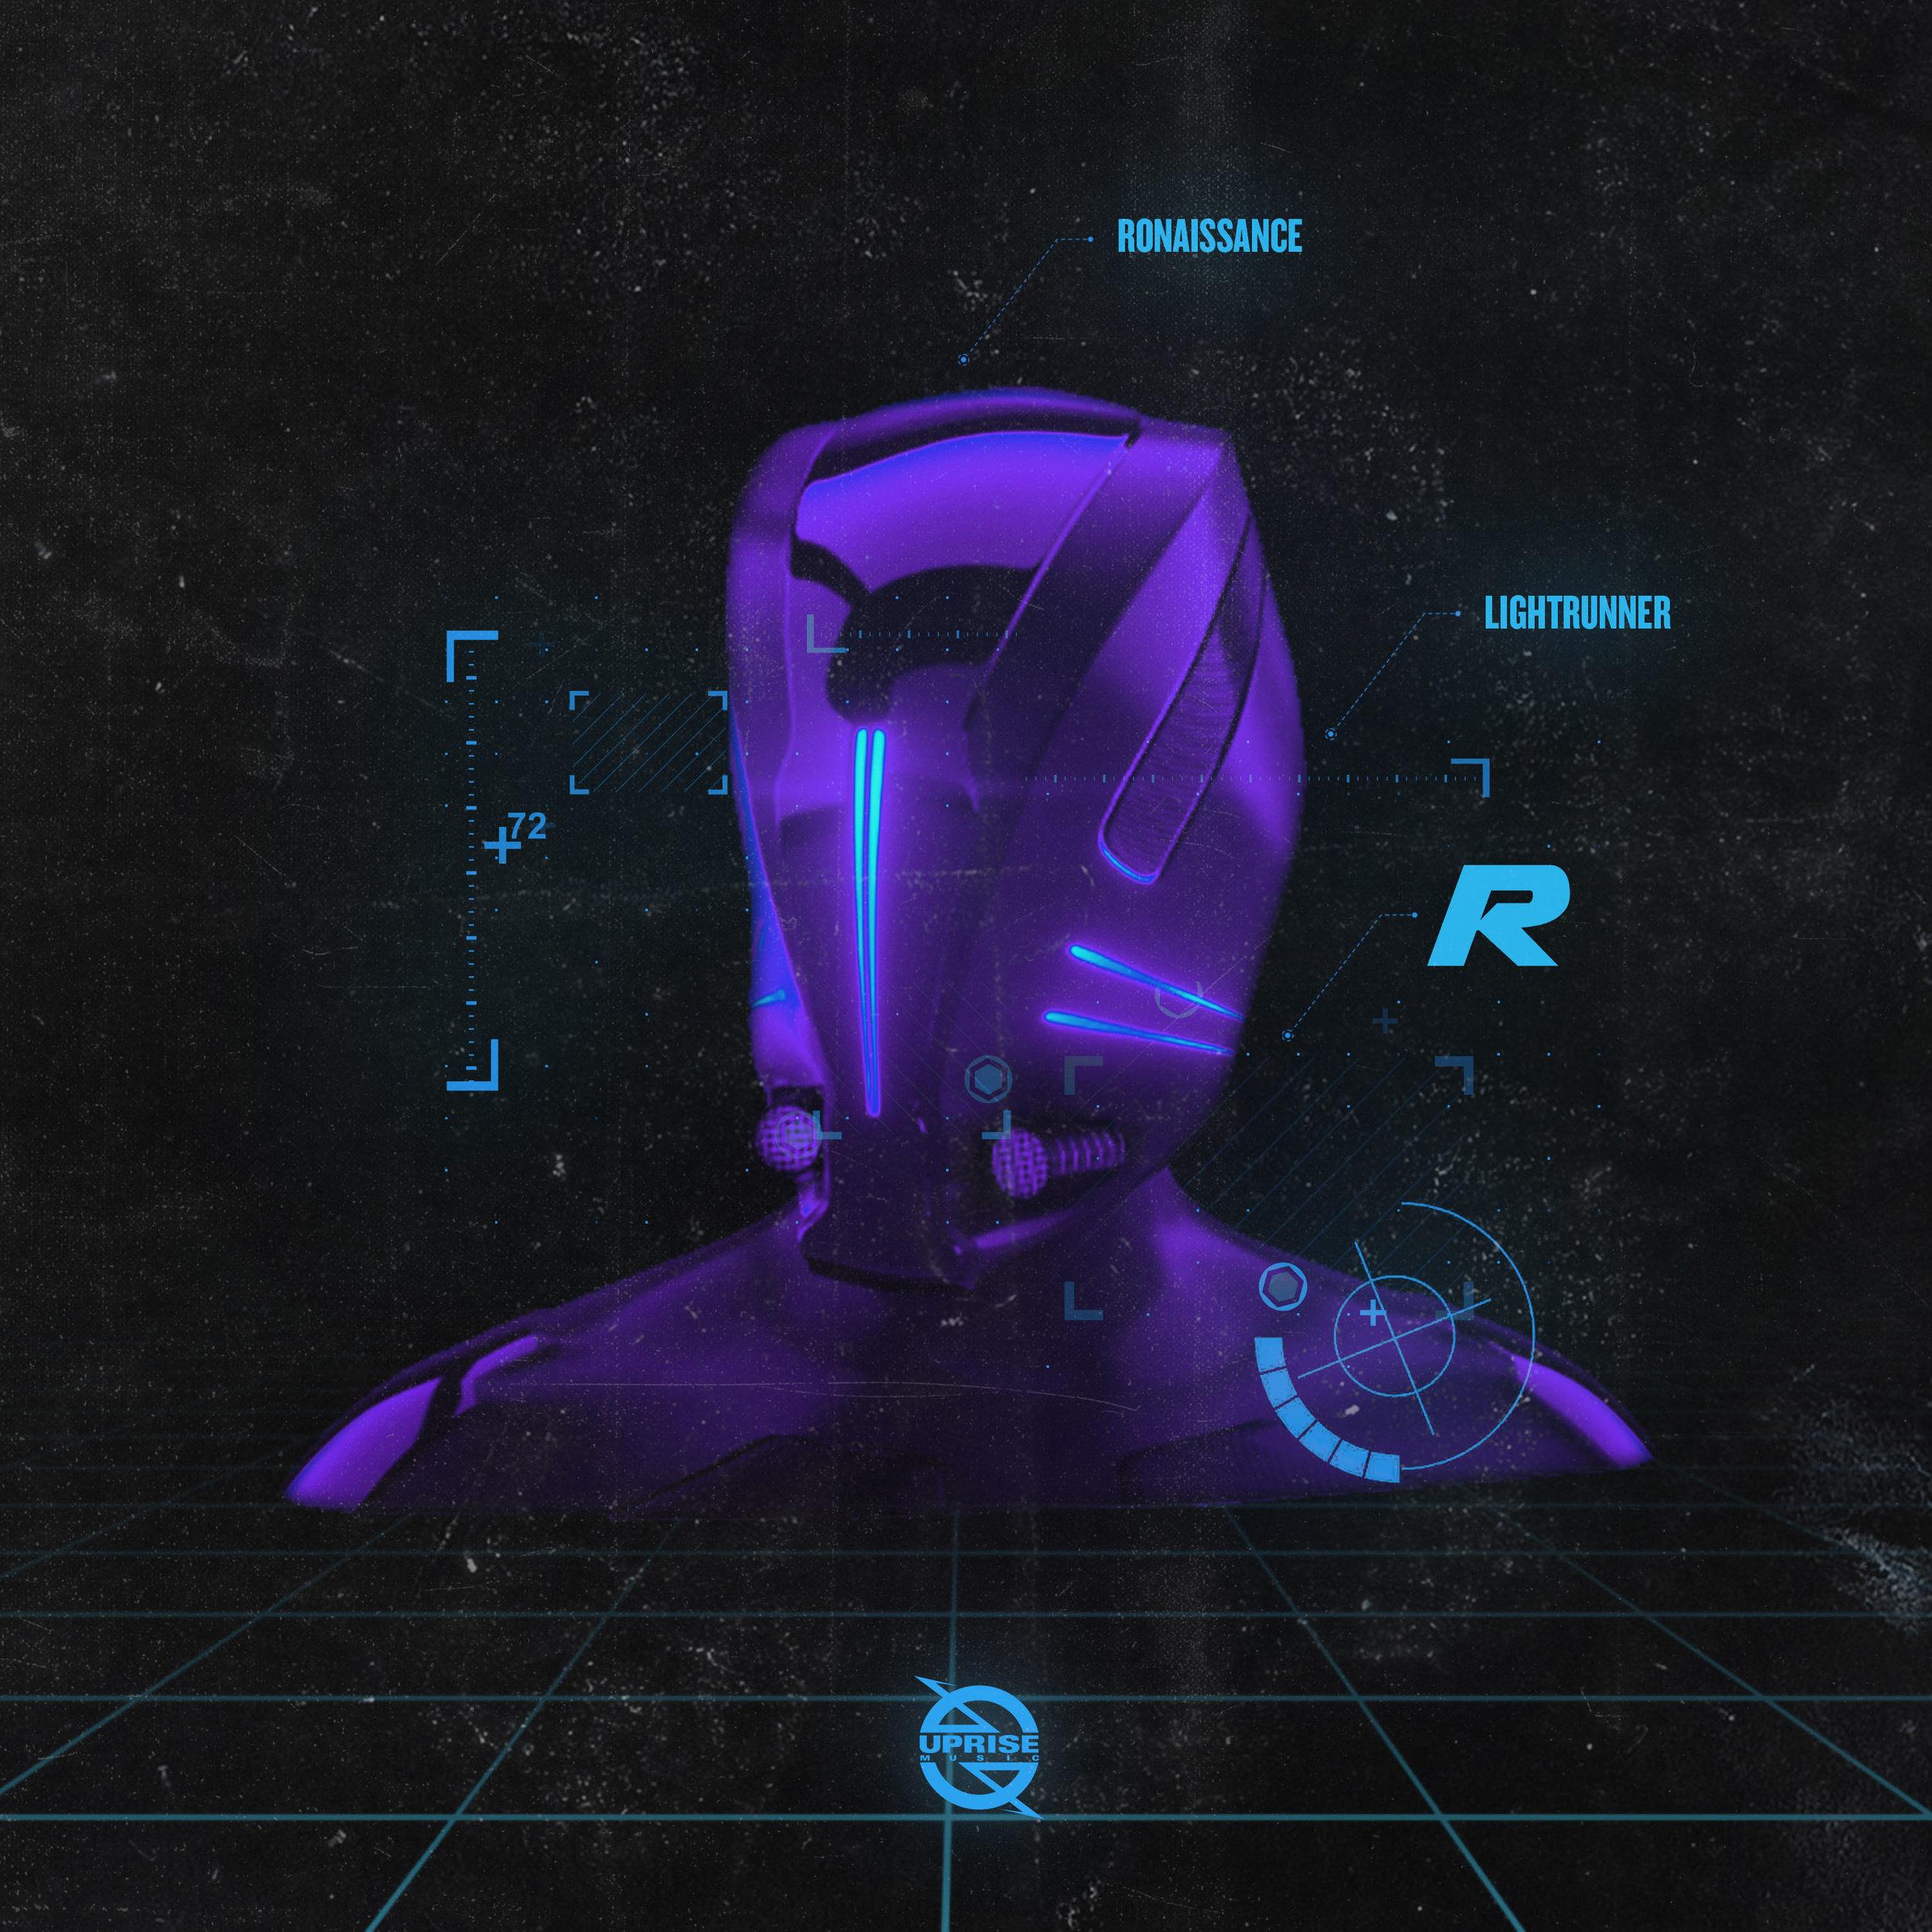 Ronaissance - Lightrunner